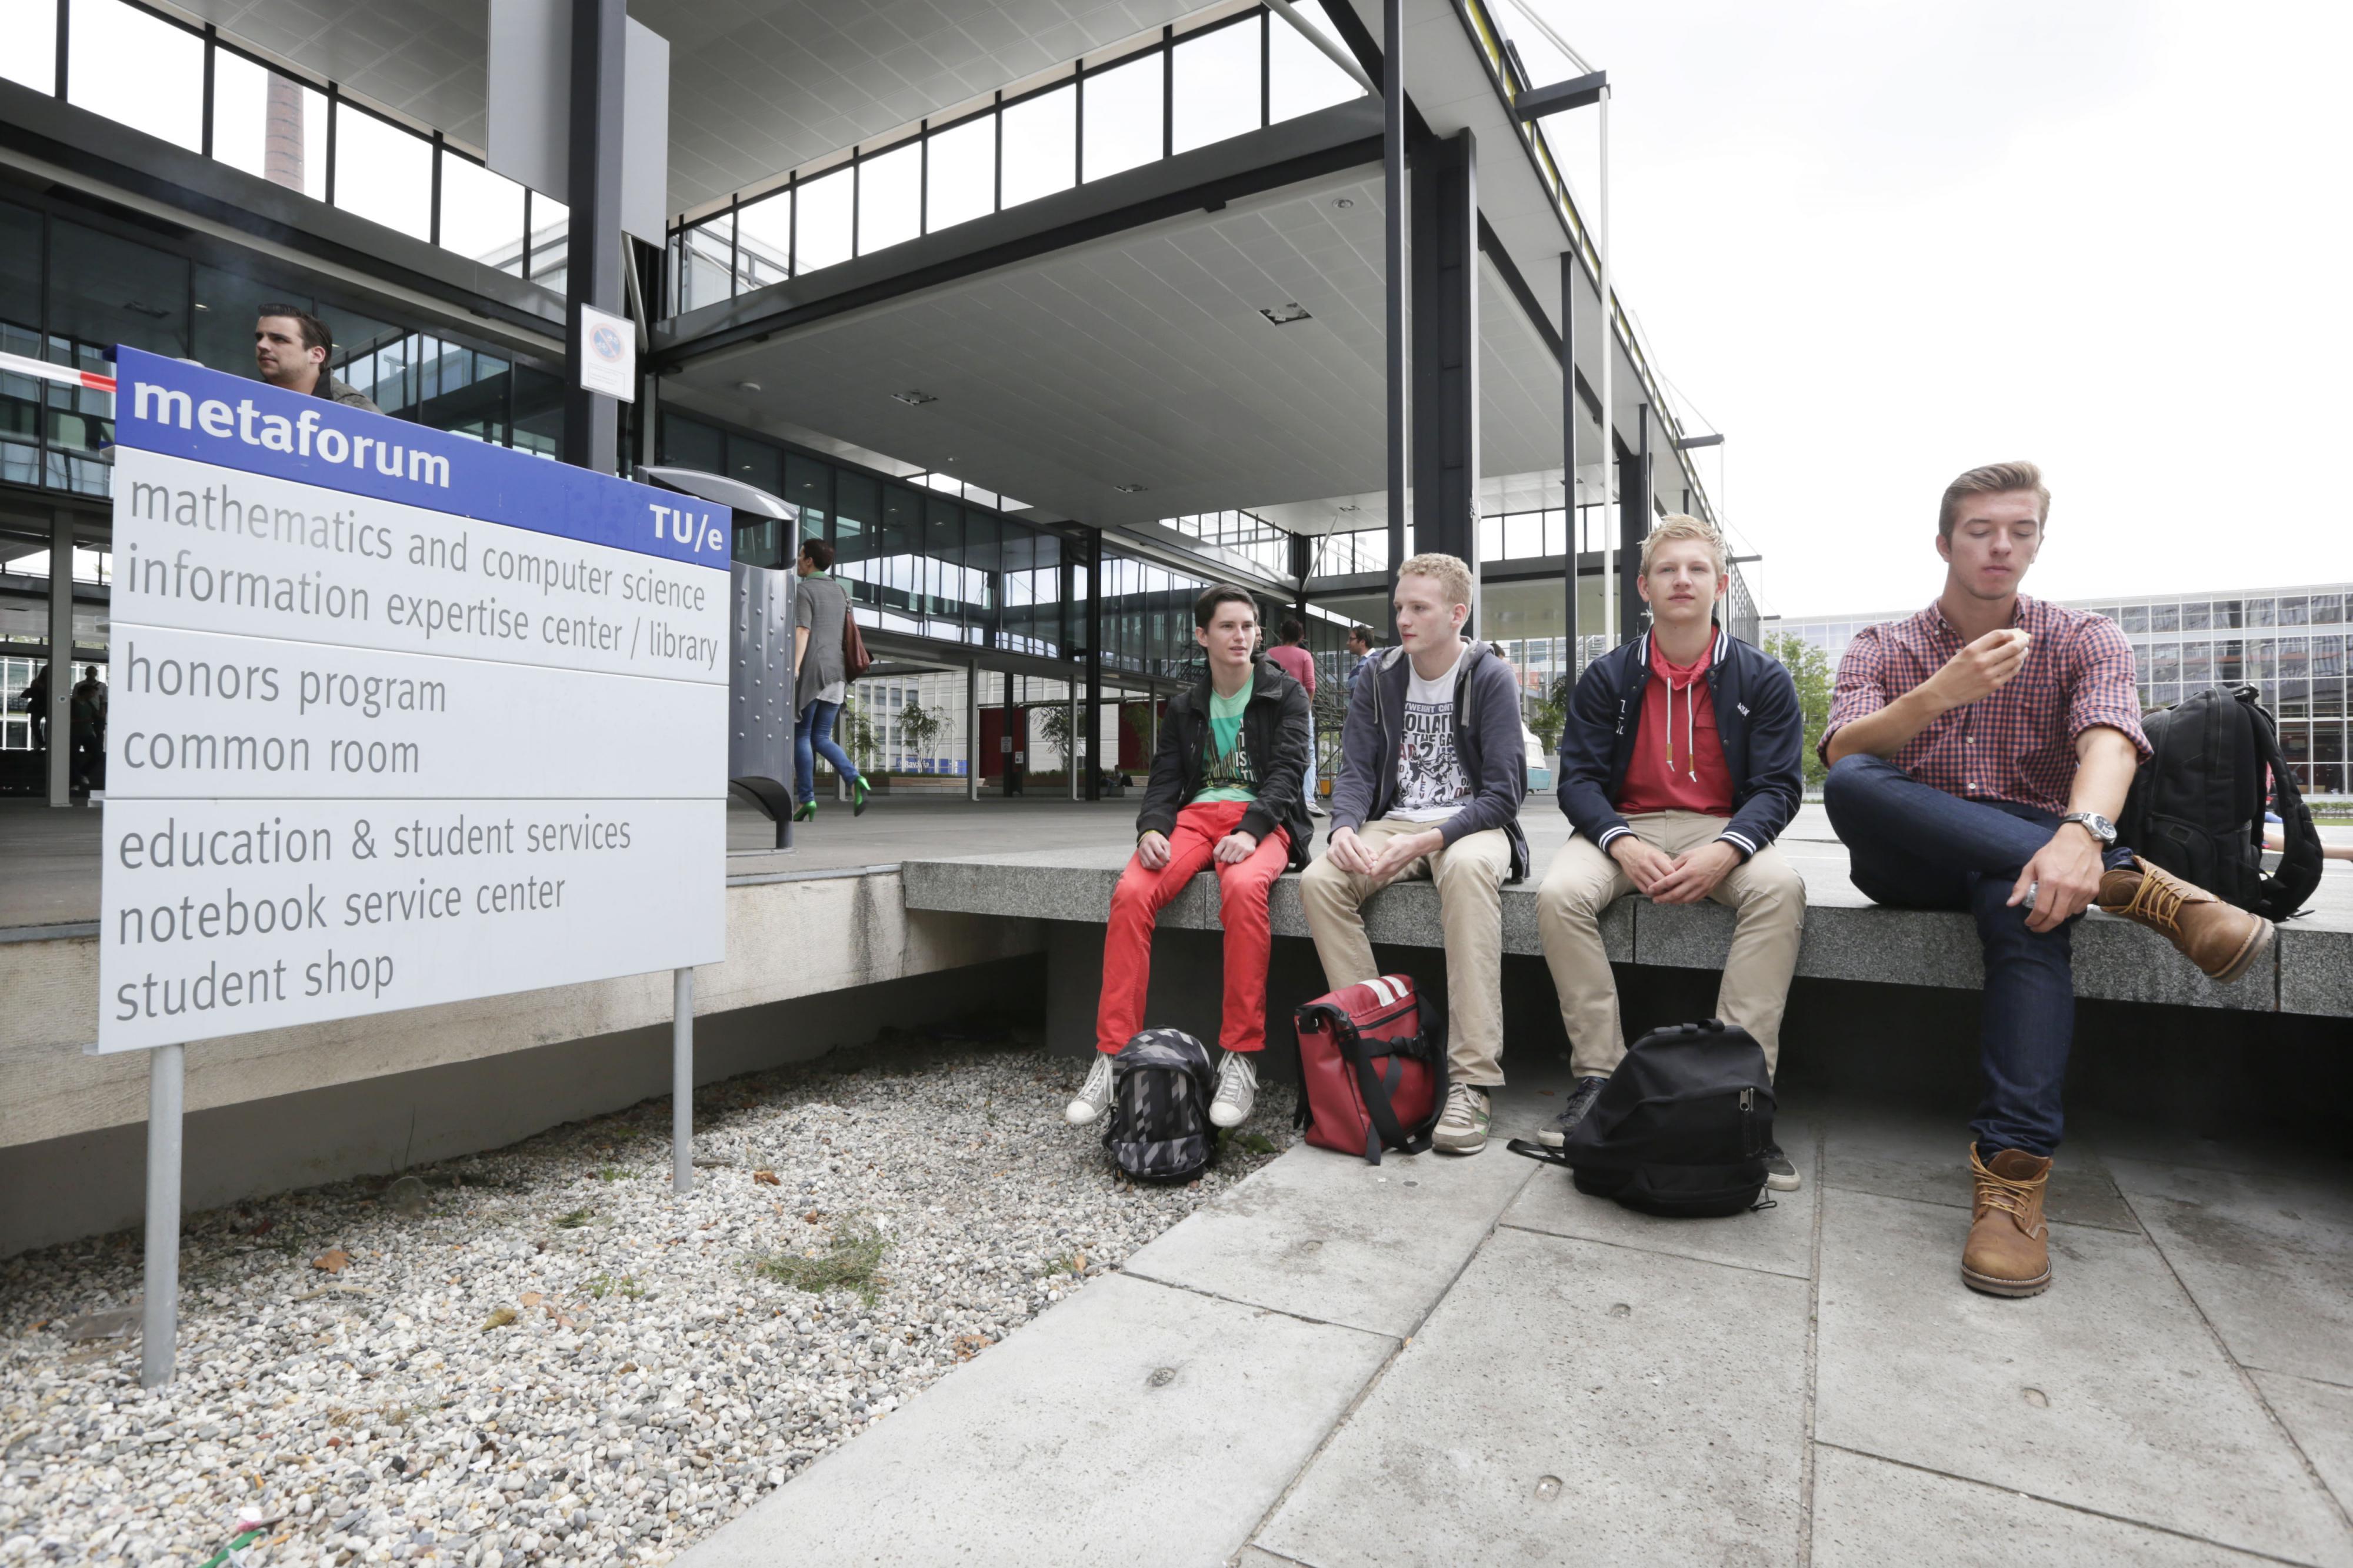 Studenten pauzeren bij het Metaforum op de Technische Universiteit Eindhoven. Foto: ANP / Joyce van Belkom